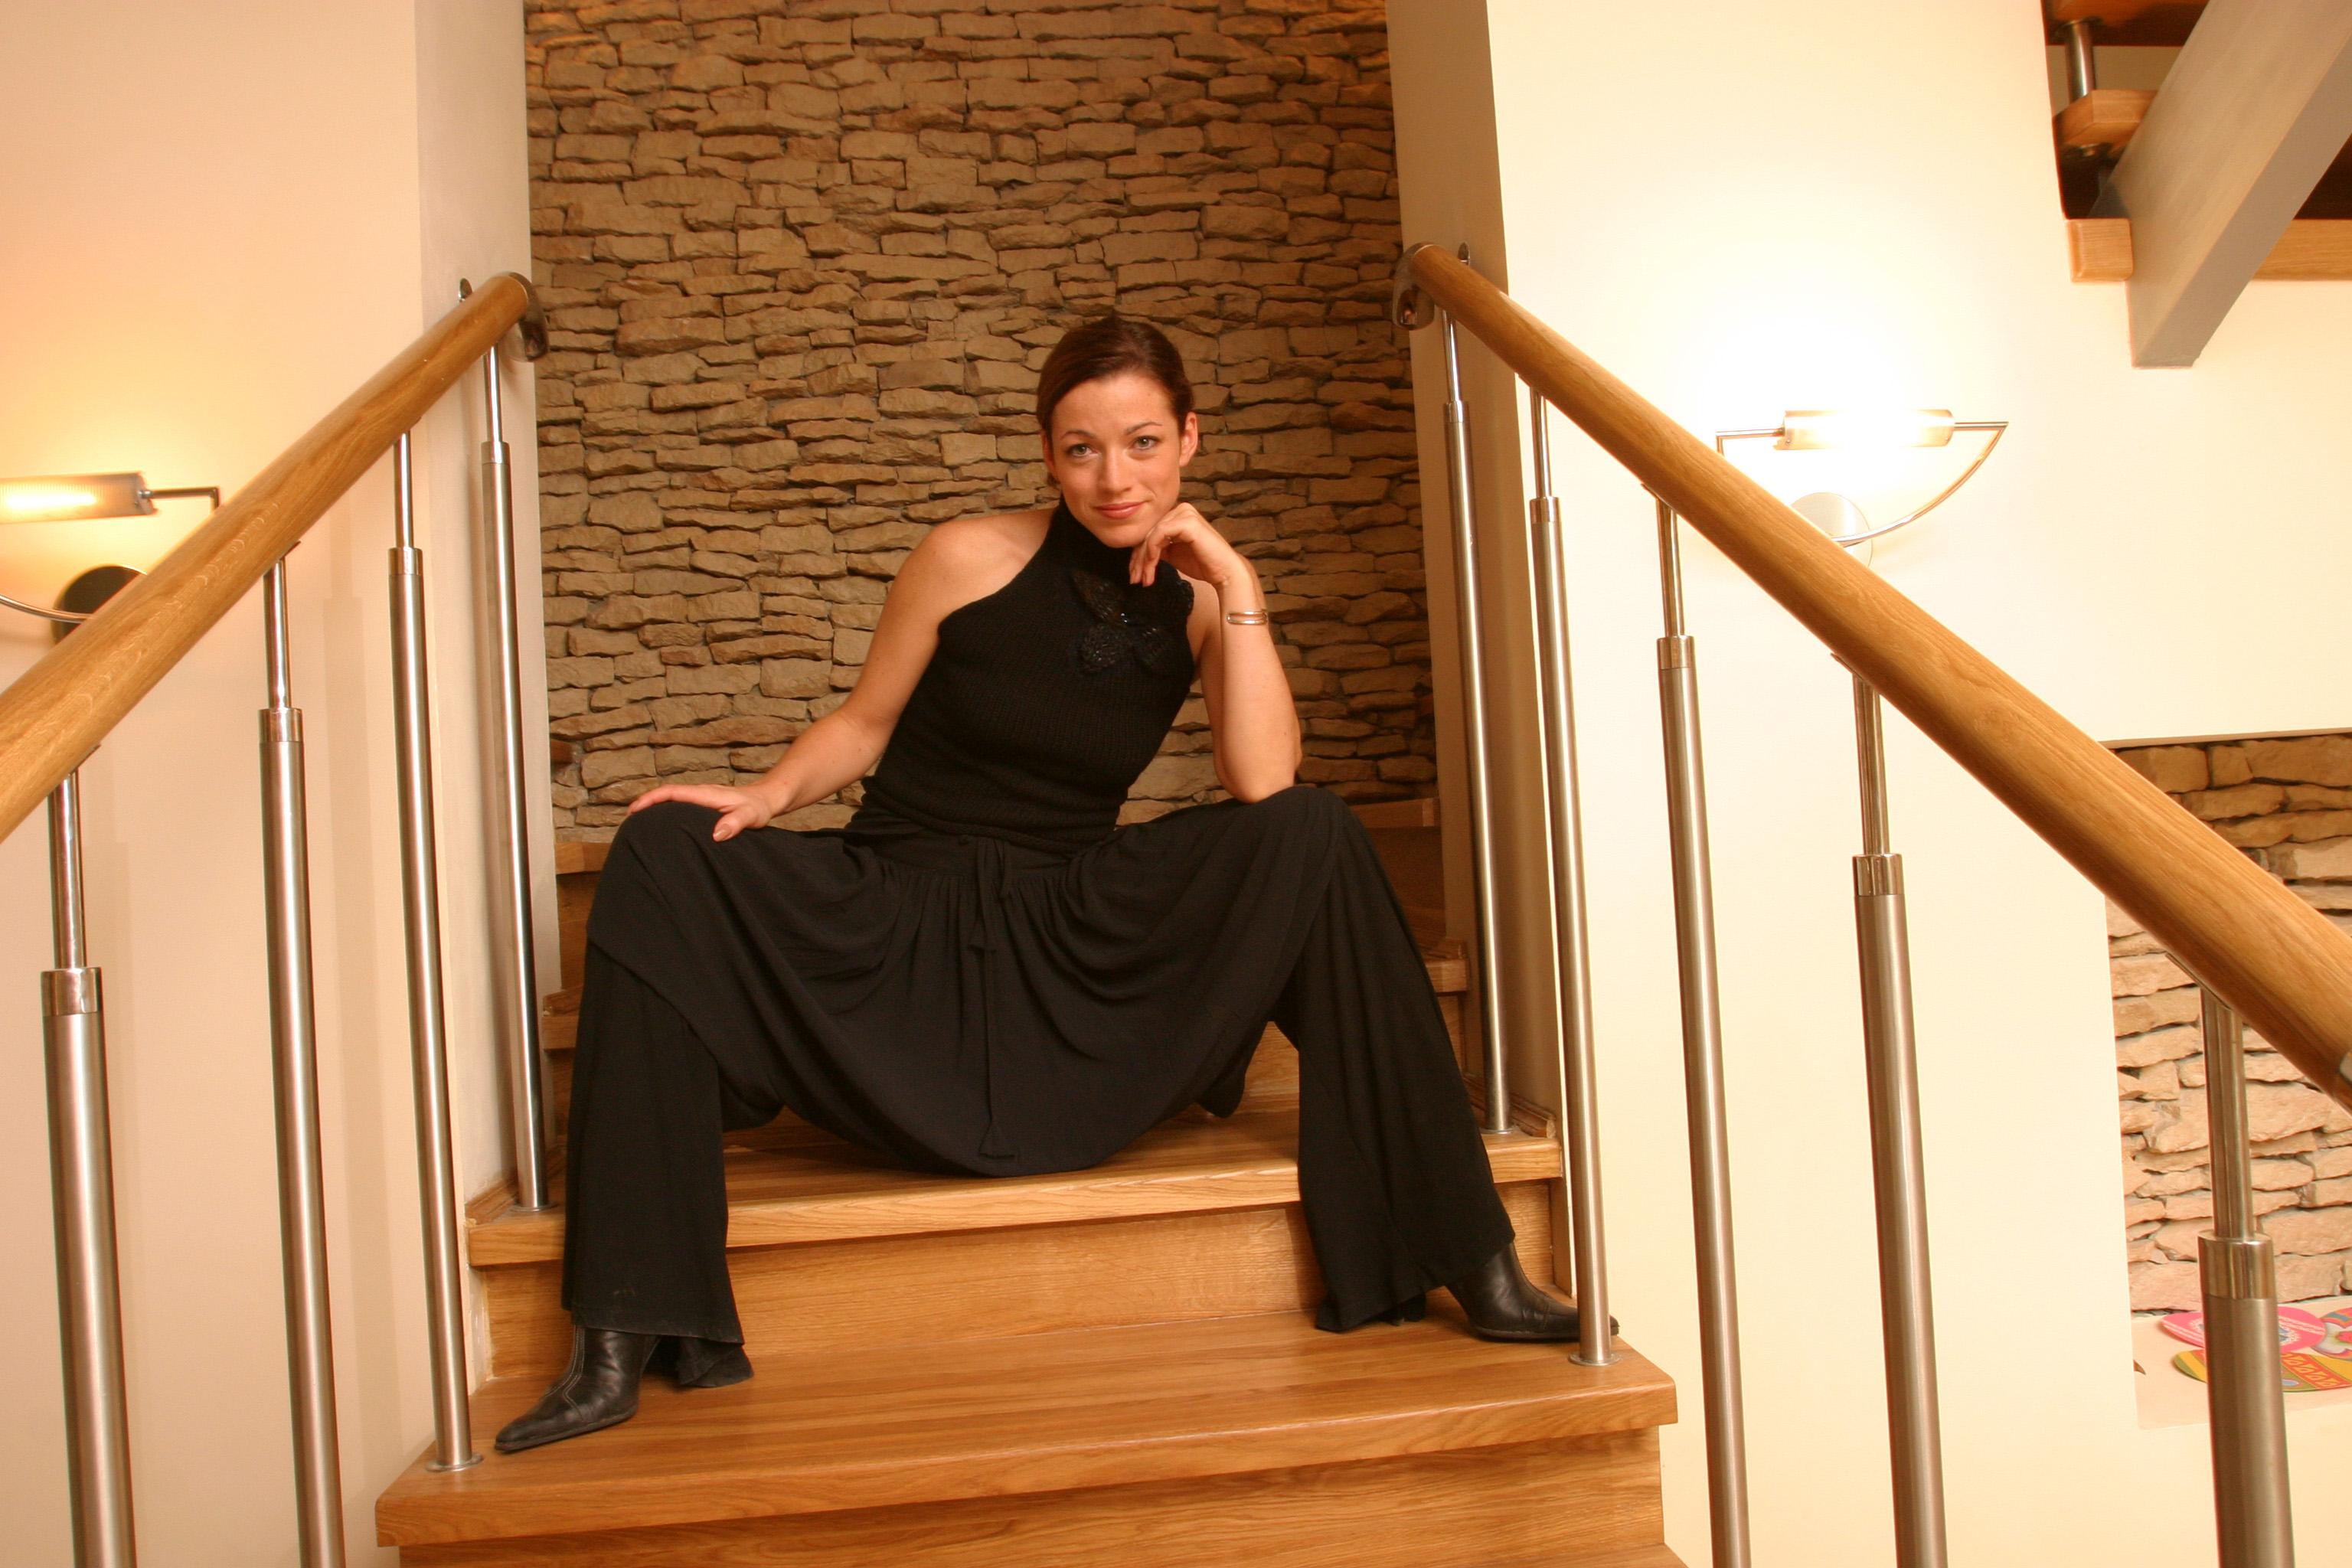 Фото актрисы хмельницкой 17 фотография